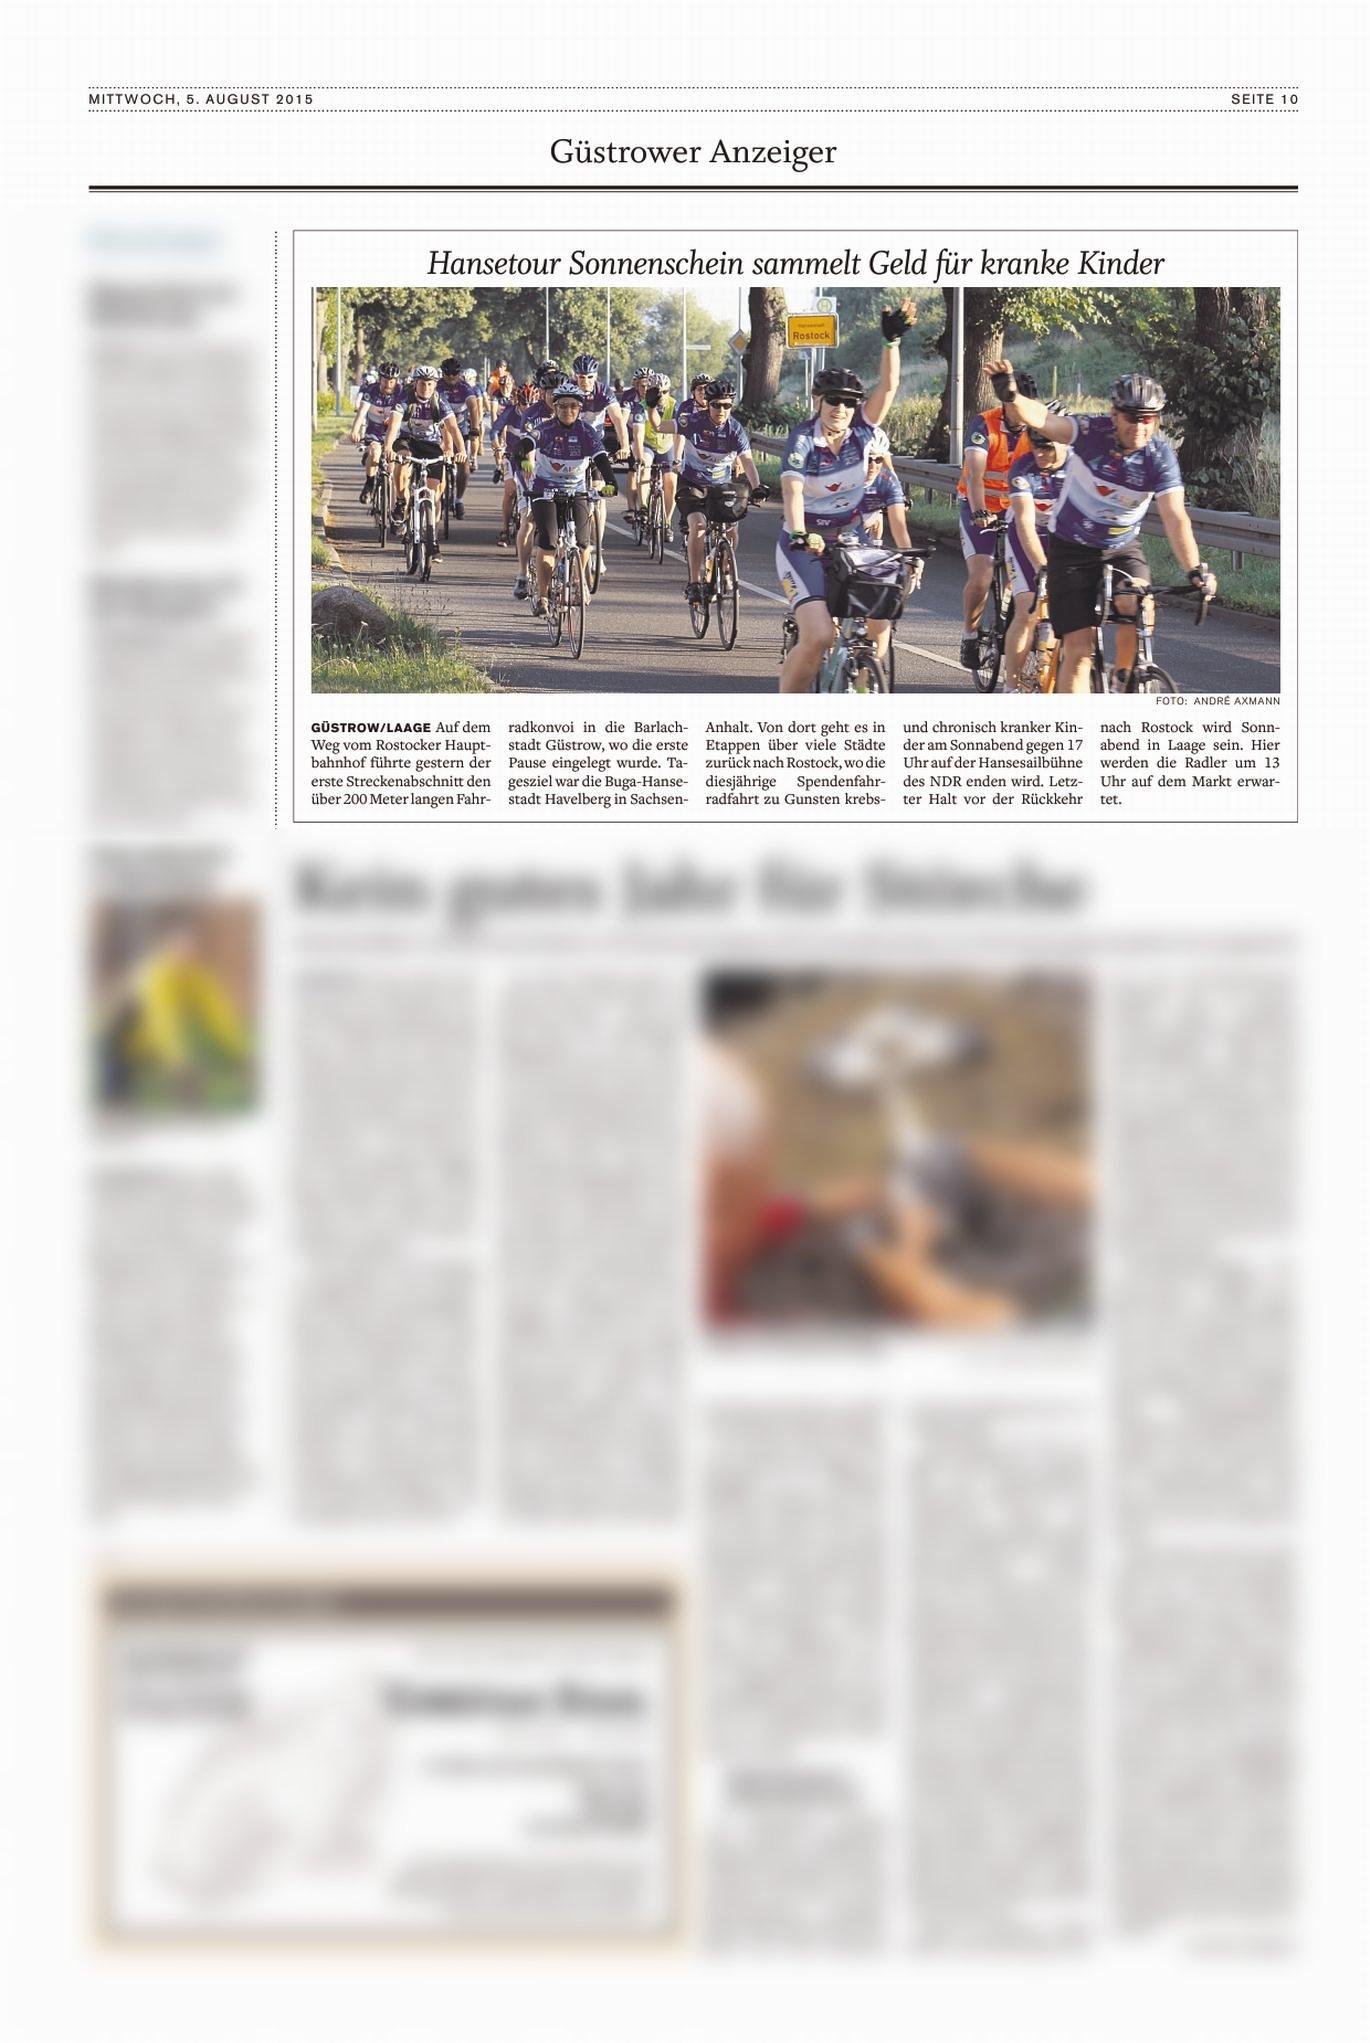 Zeitungsbericht zur Hanse-Tour-Sonnenschein 2015